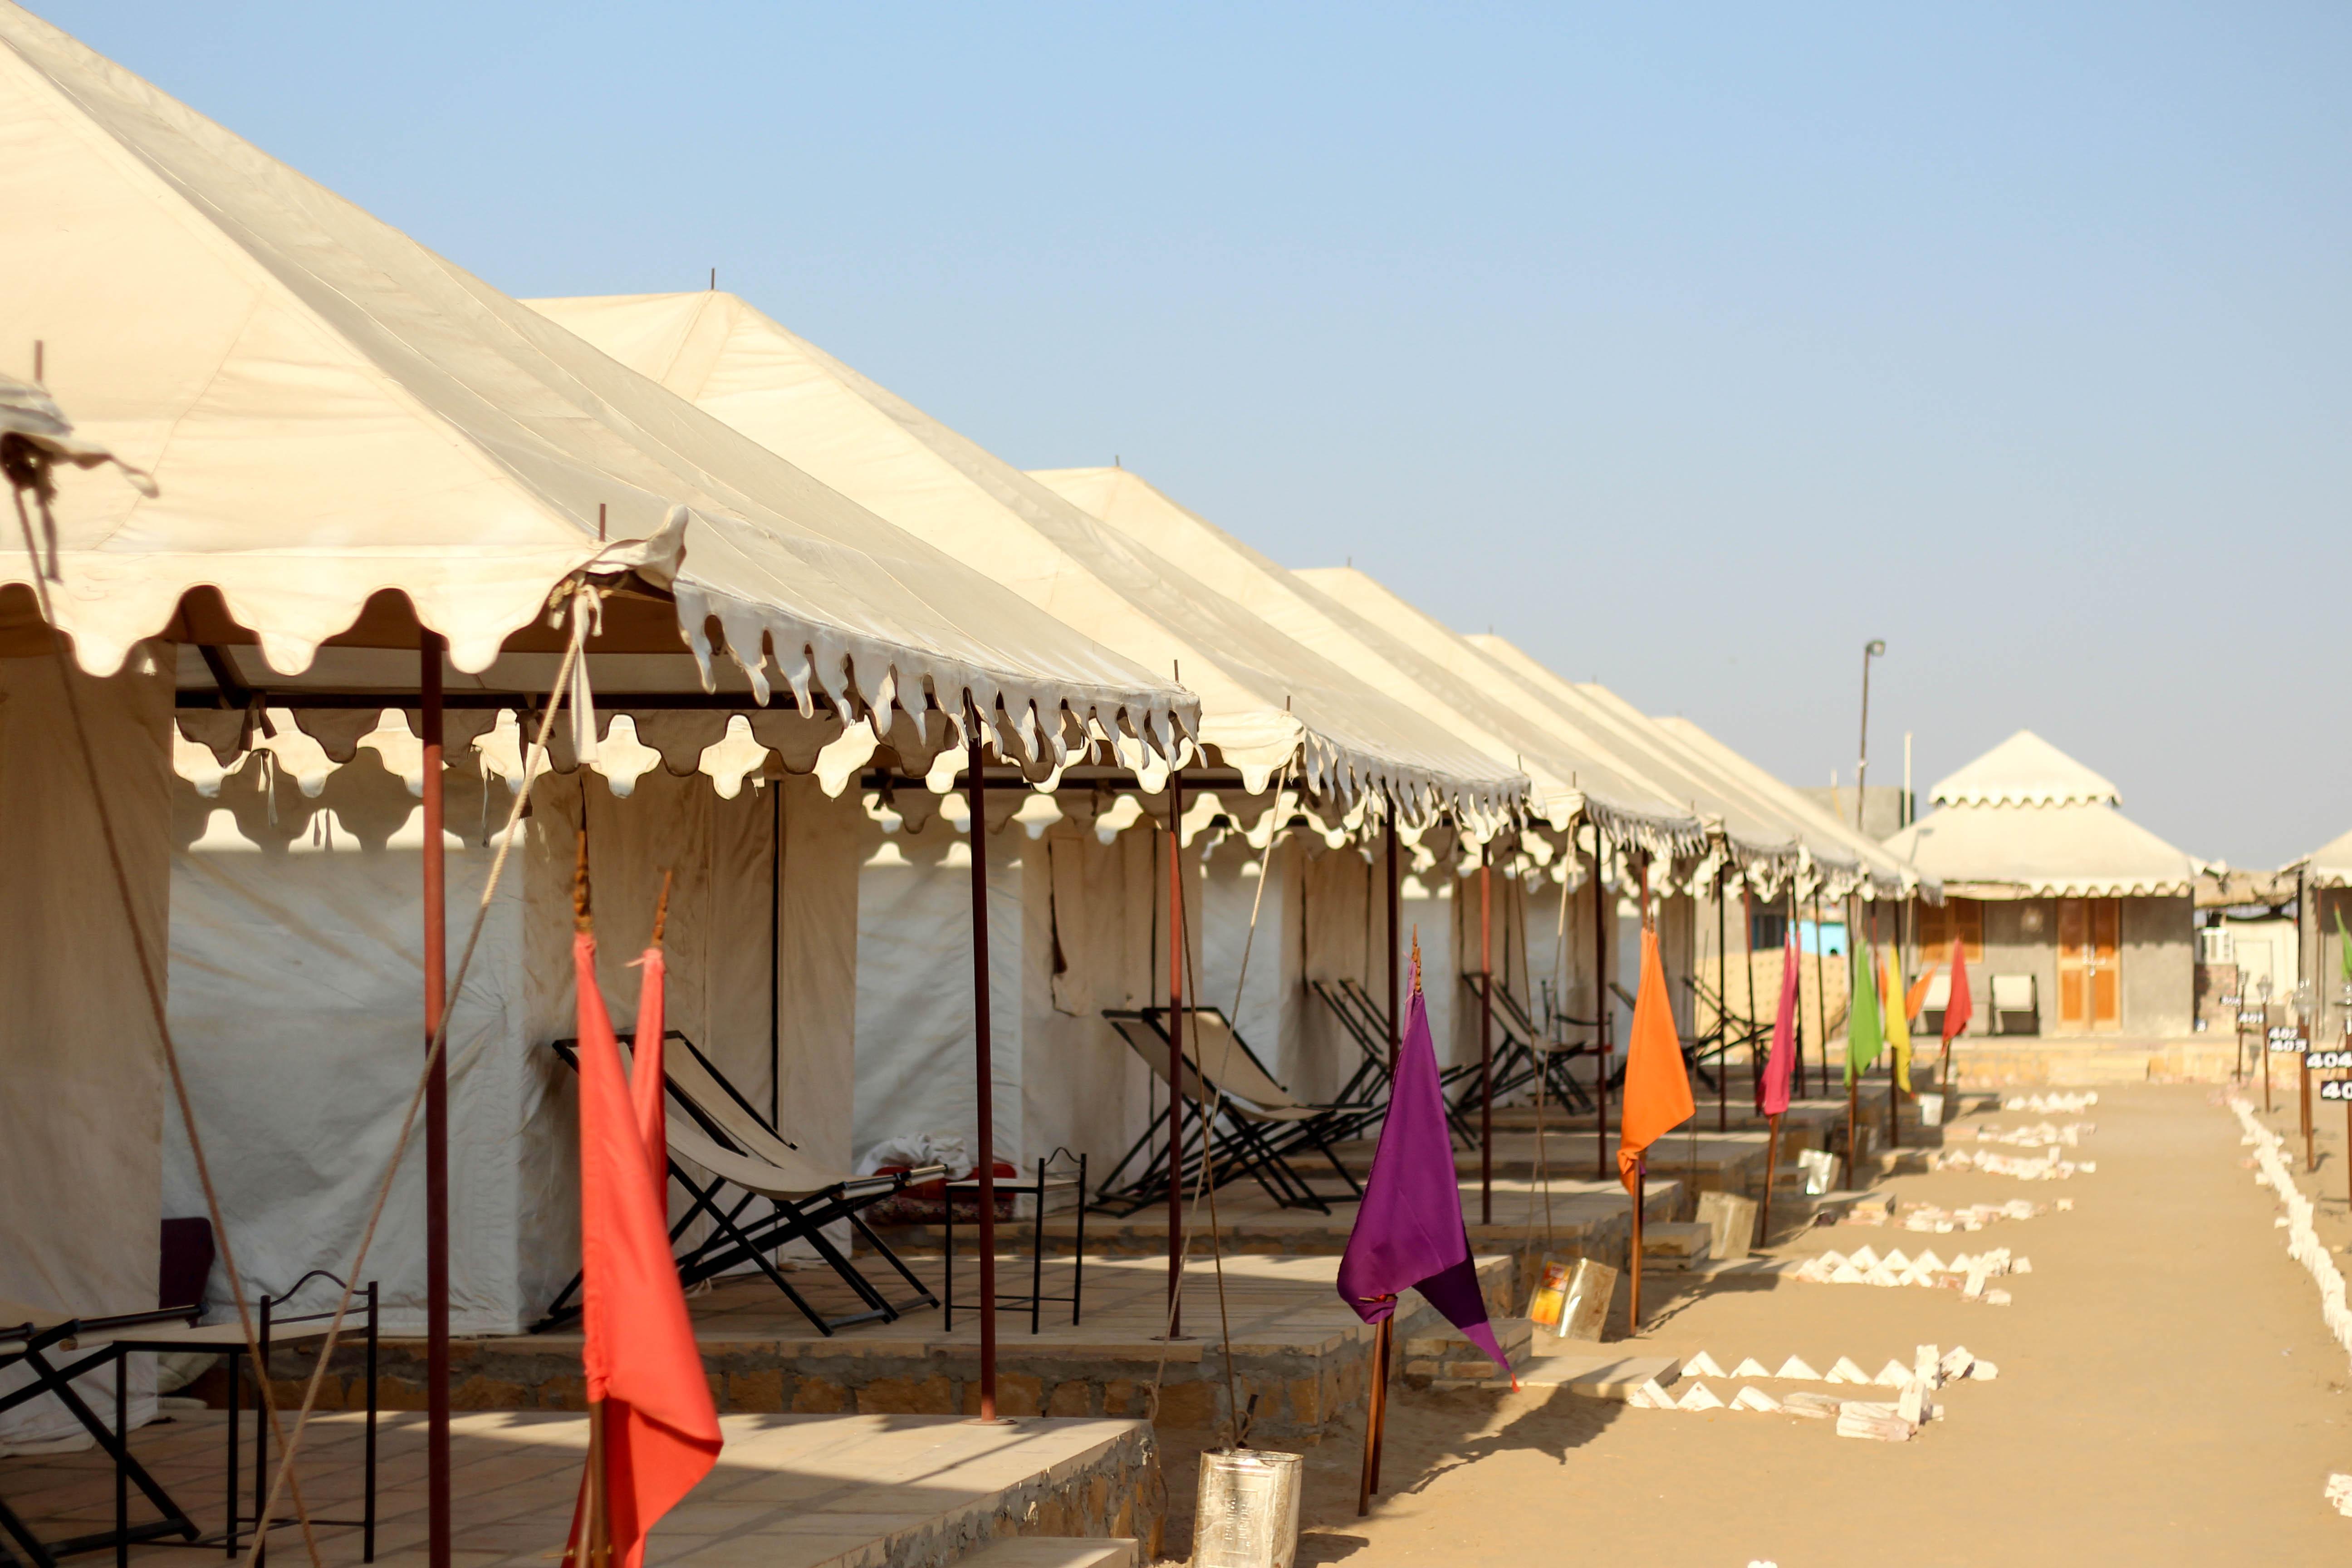 KK Camps